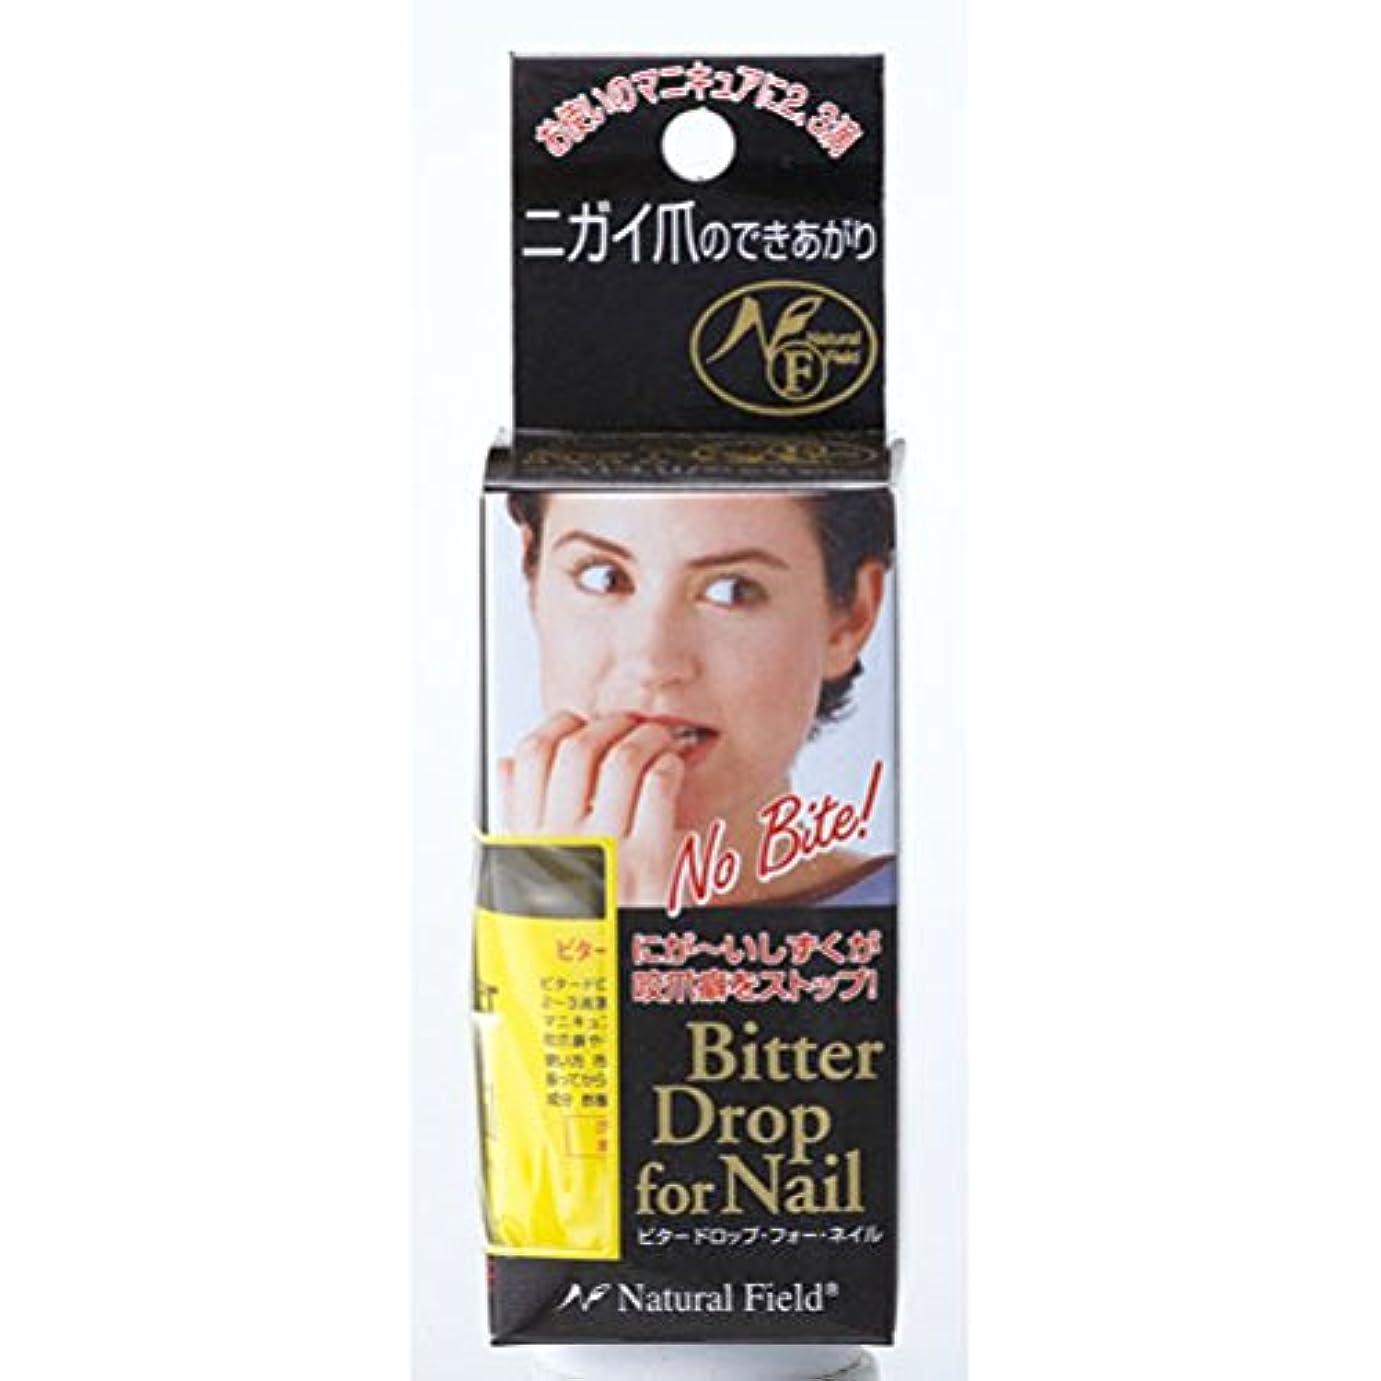 パワー前提条件スリーブNatural Field ビターフォードロップ 20ml 「咬爪癖防止」商品